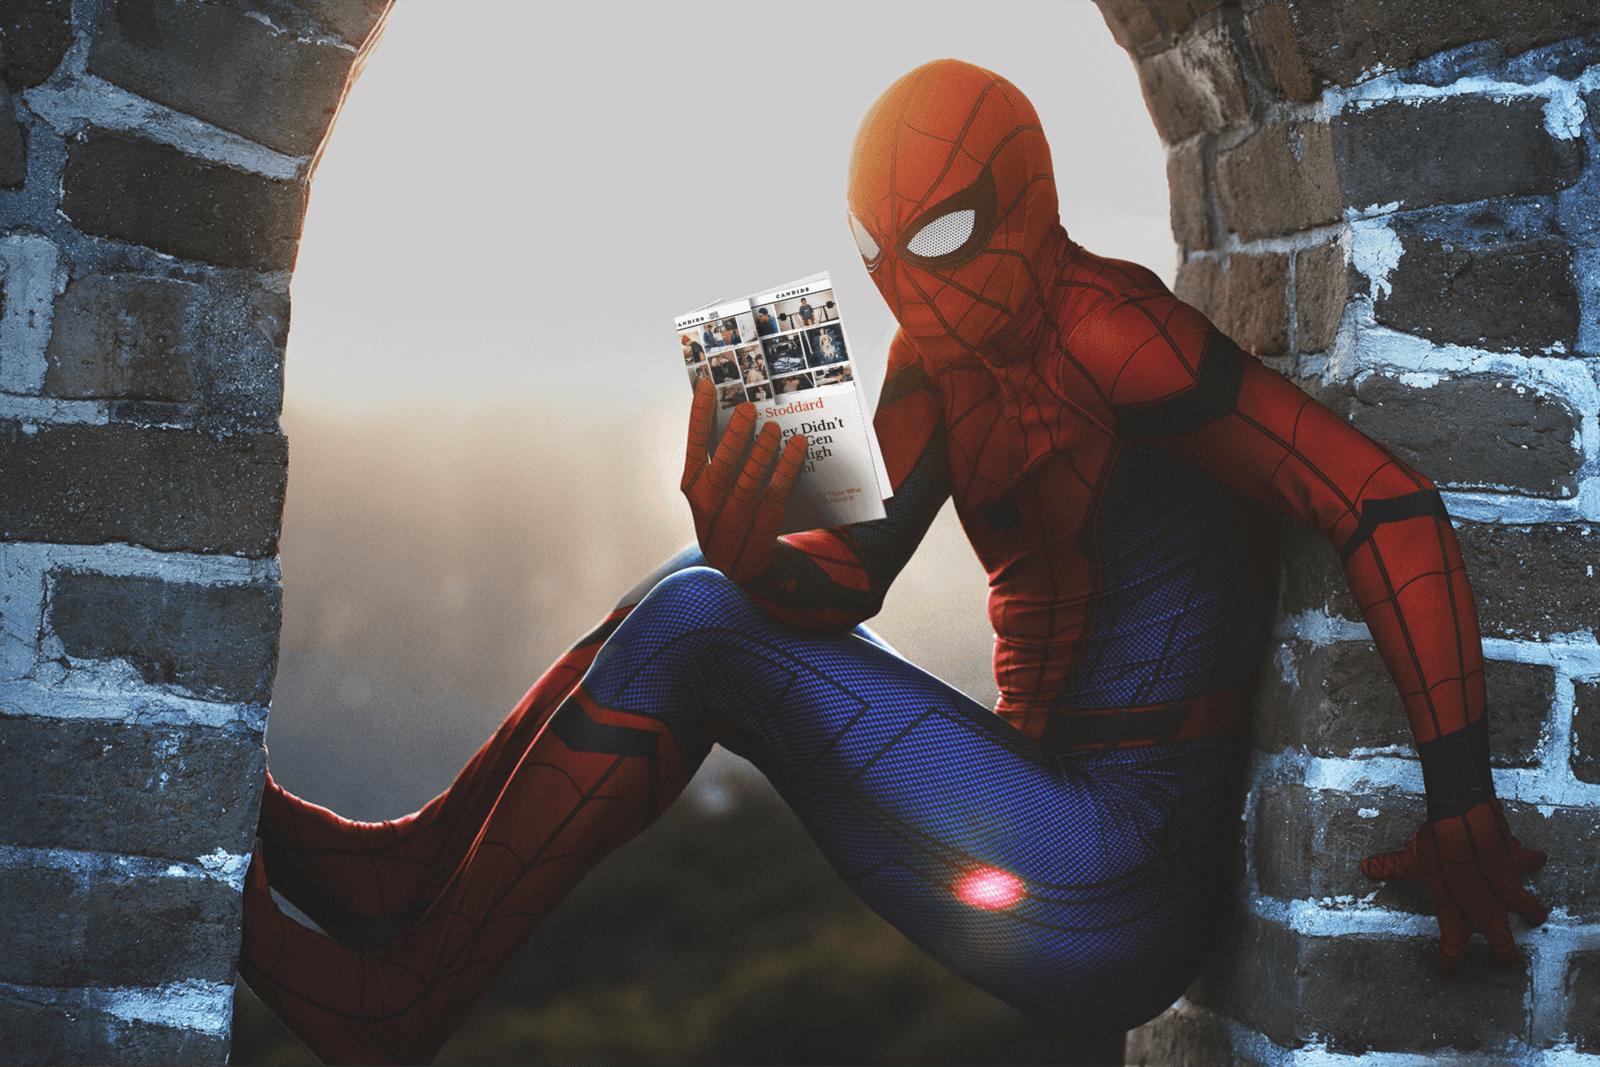 Spider Man Reads Jesse Stoddard's Books